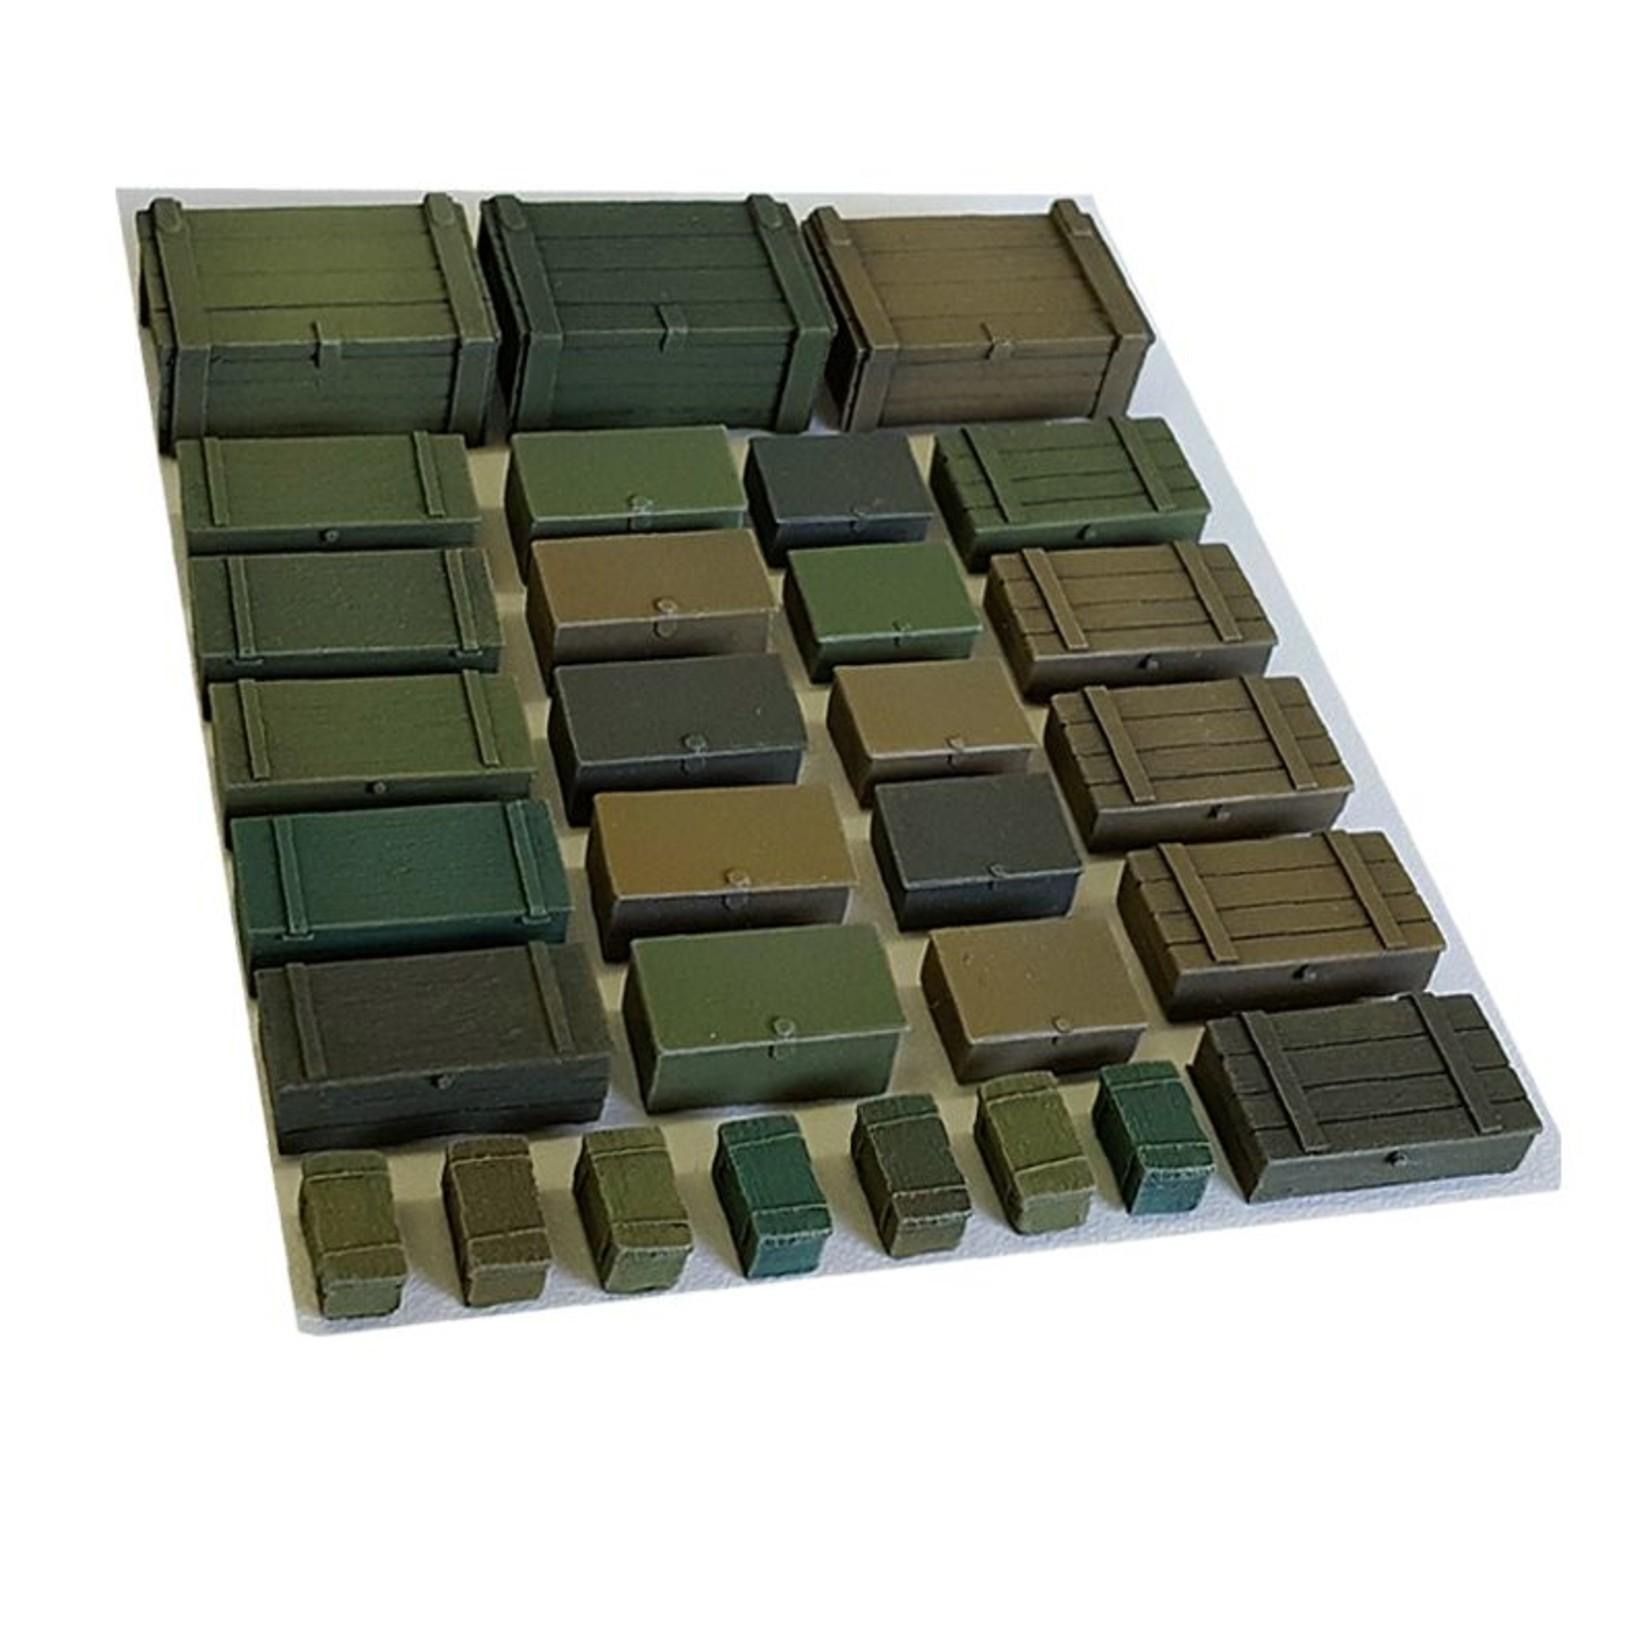 Ammunition boxes 30 pieces